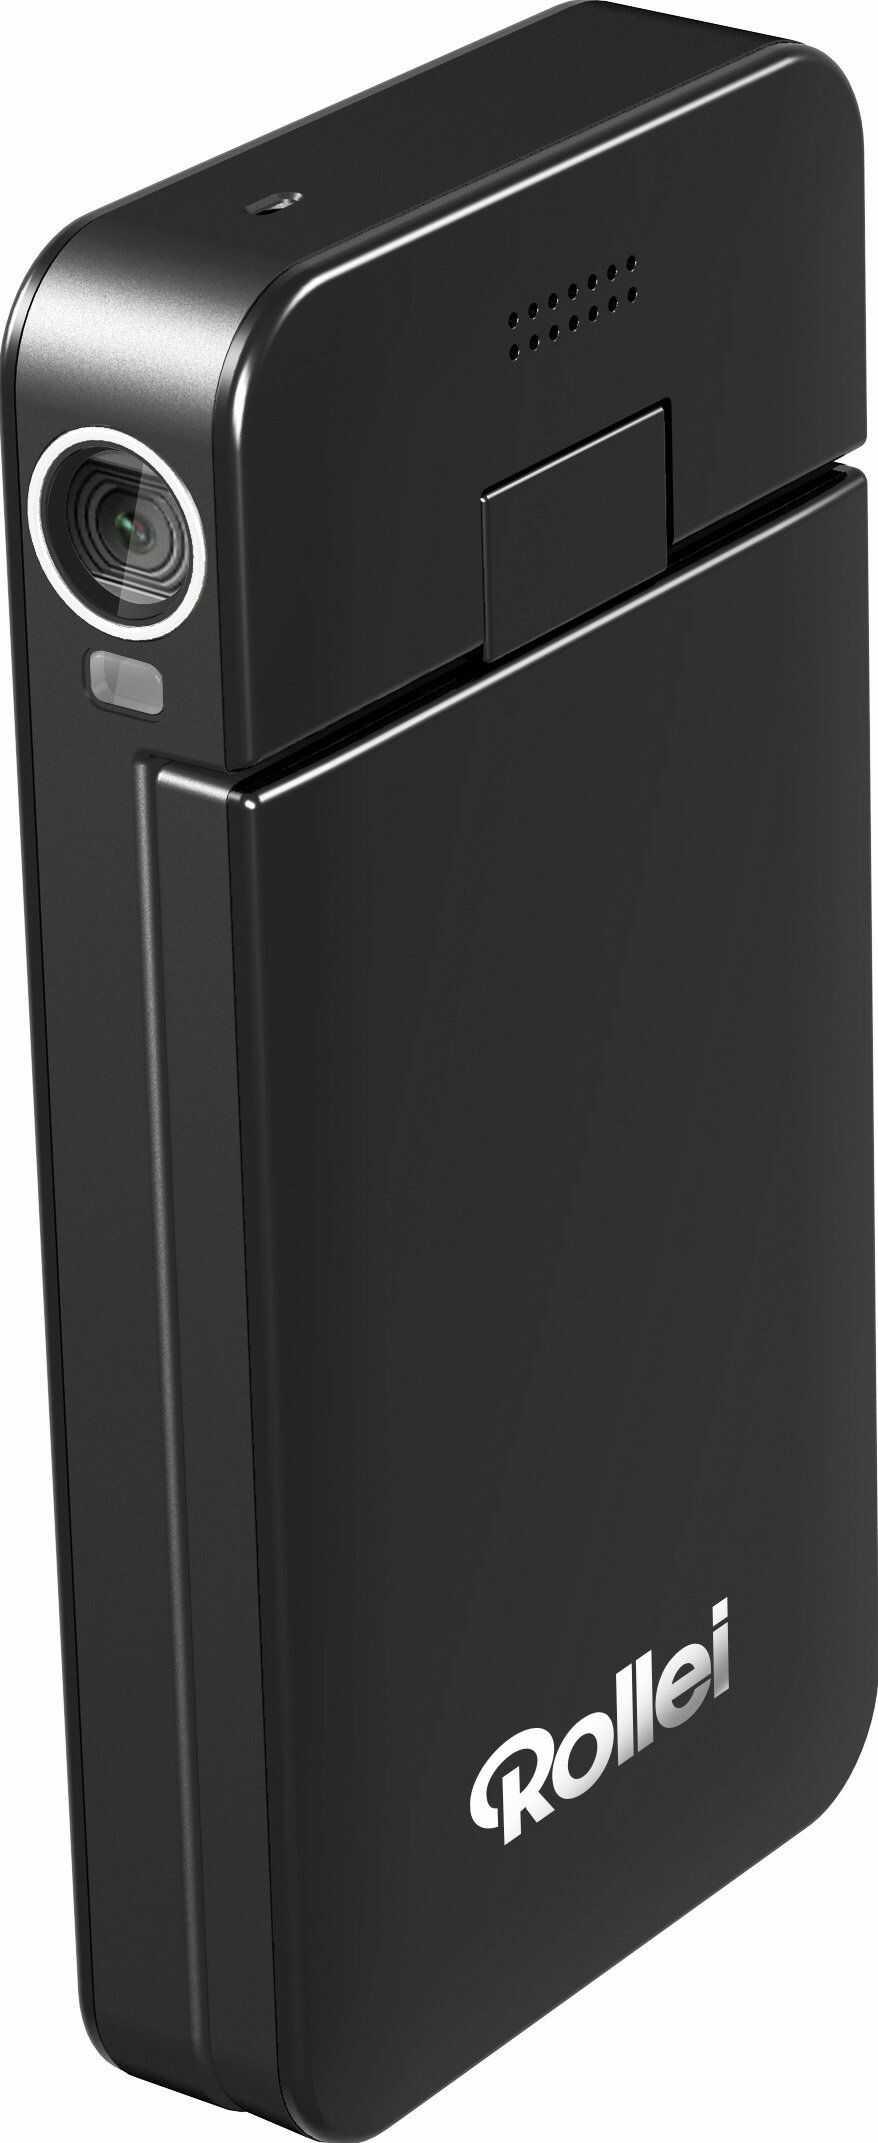 """Rollei Movieline Live 100 Full-HD kamera 1080p z technologią WiFi (7,6 cm (3""""), wyświetlacz TFT, 5 megapikseli, kolor czarny"""